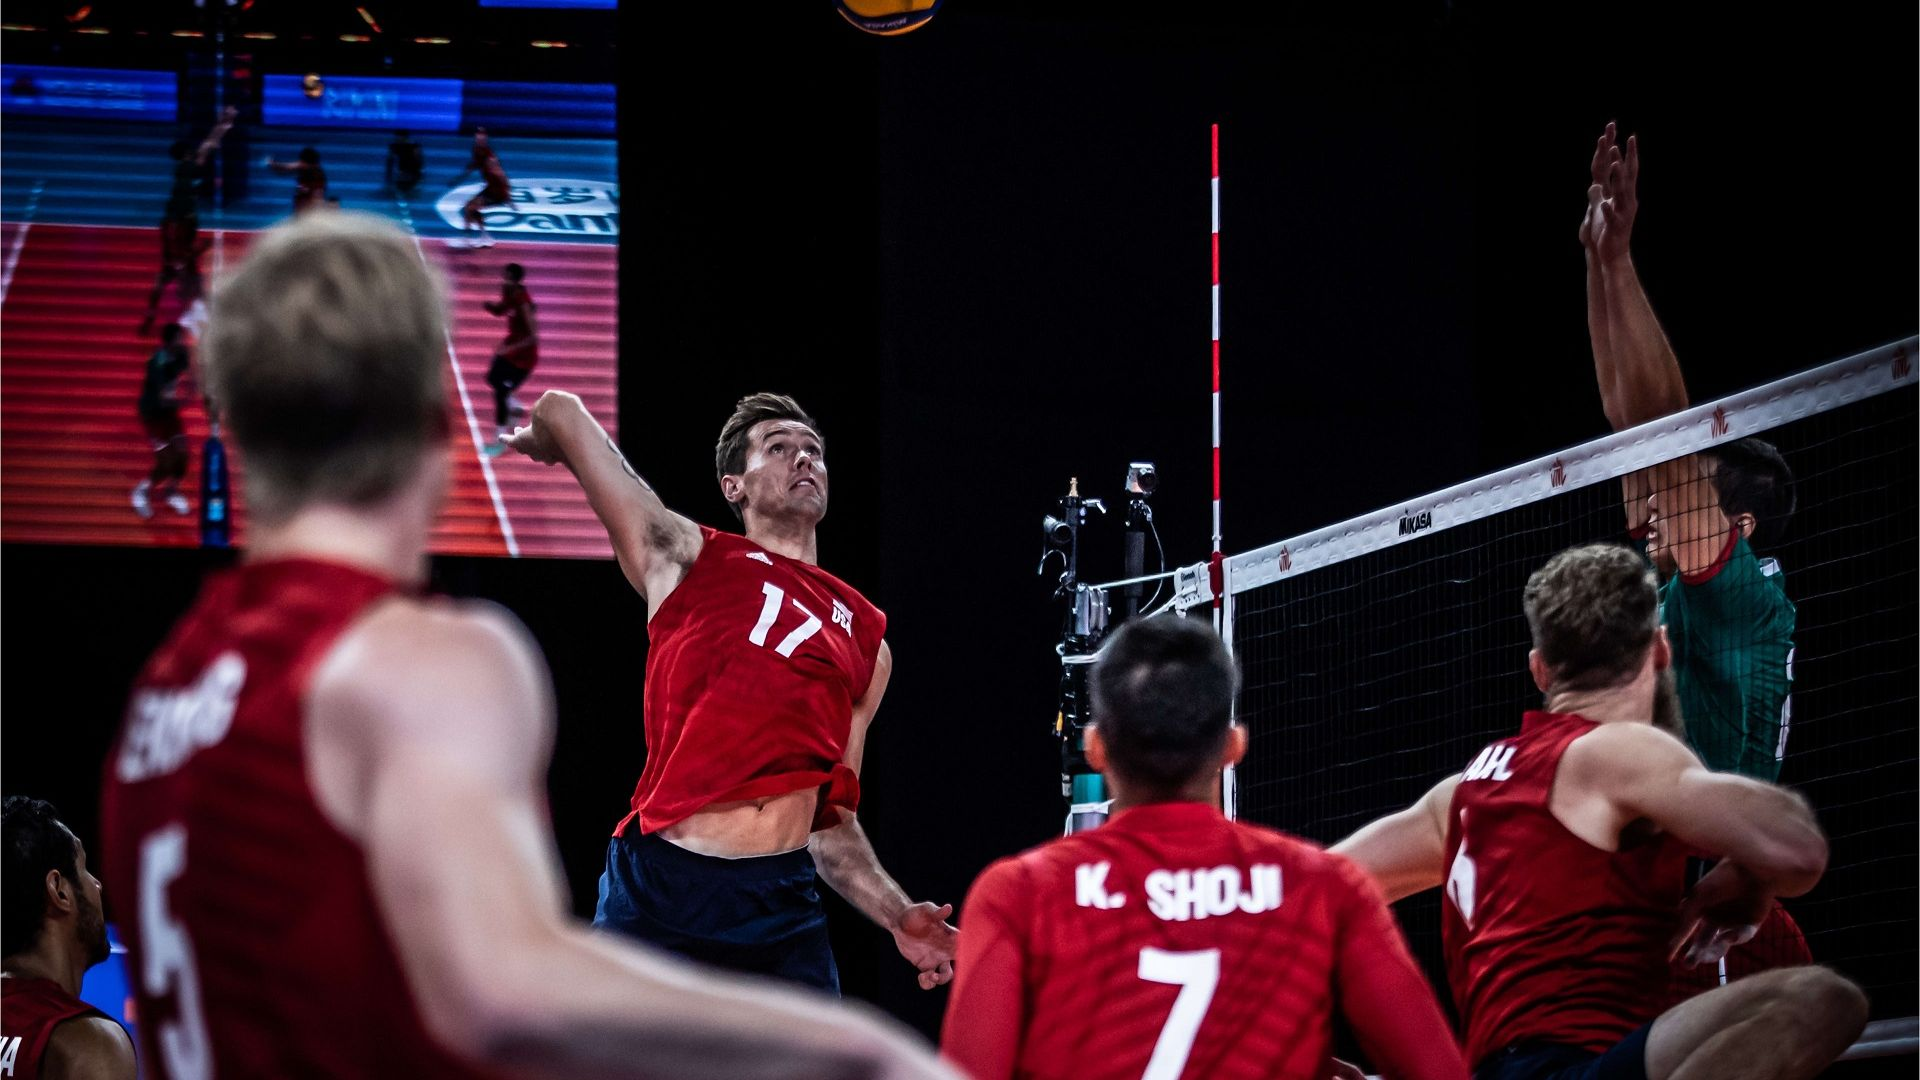 Пореден крах за волейболистите, не успяха да минат 10 в един от геймовете срещу САЩ